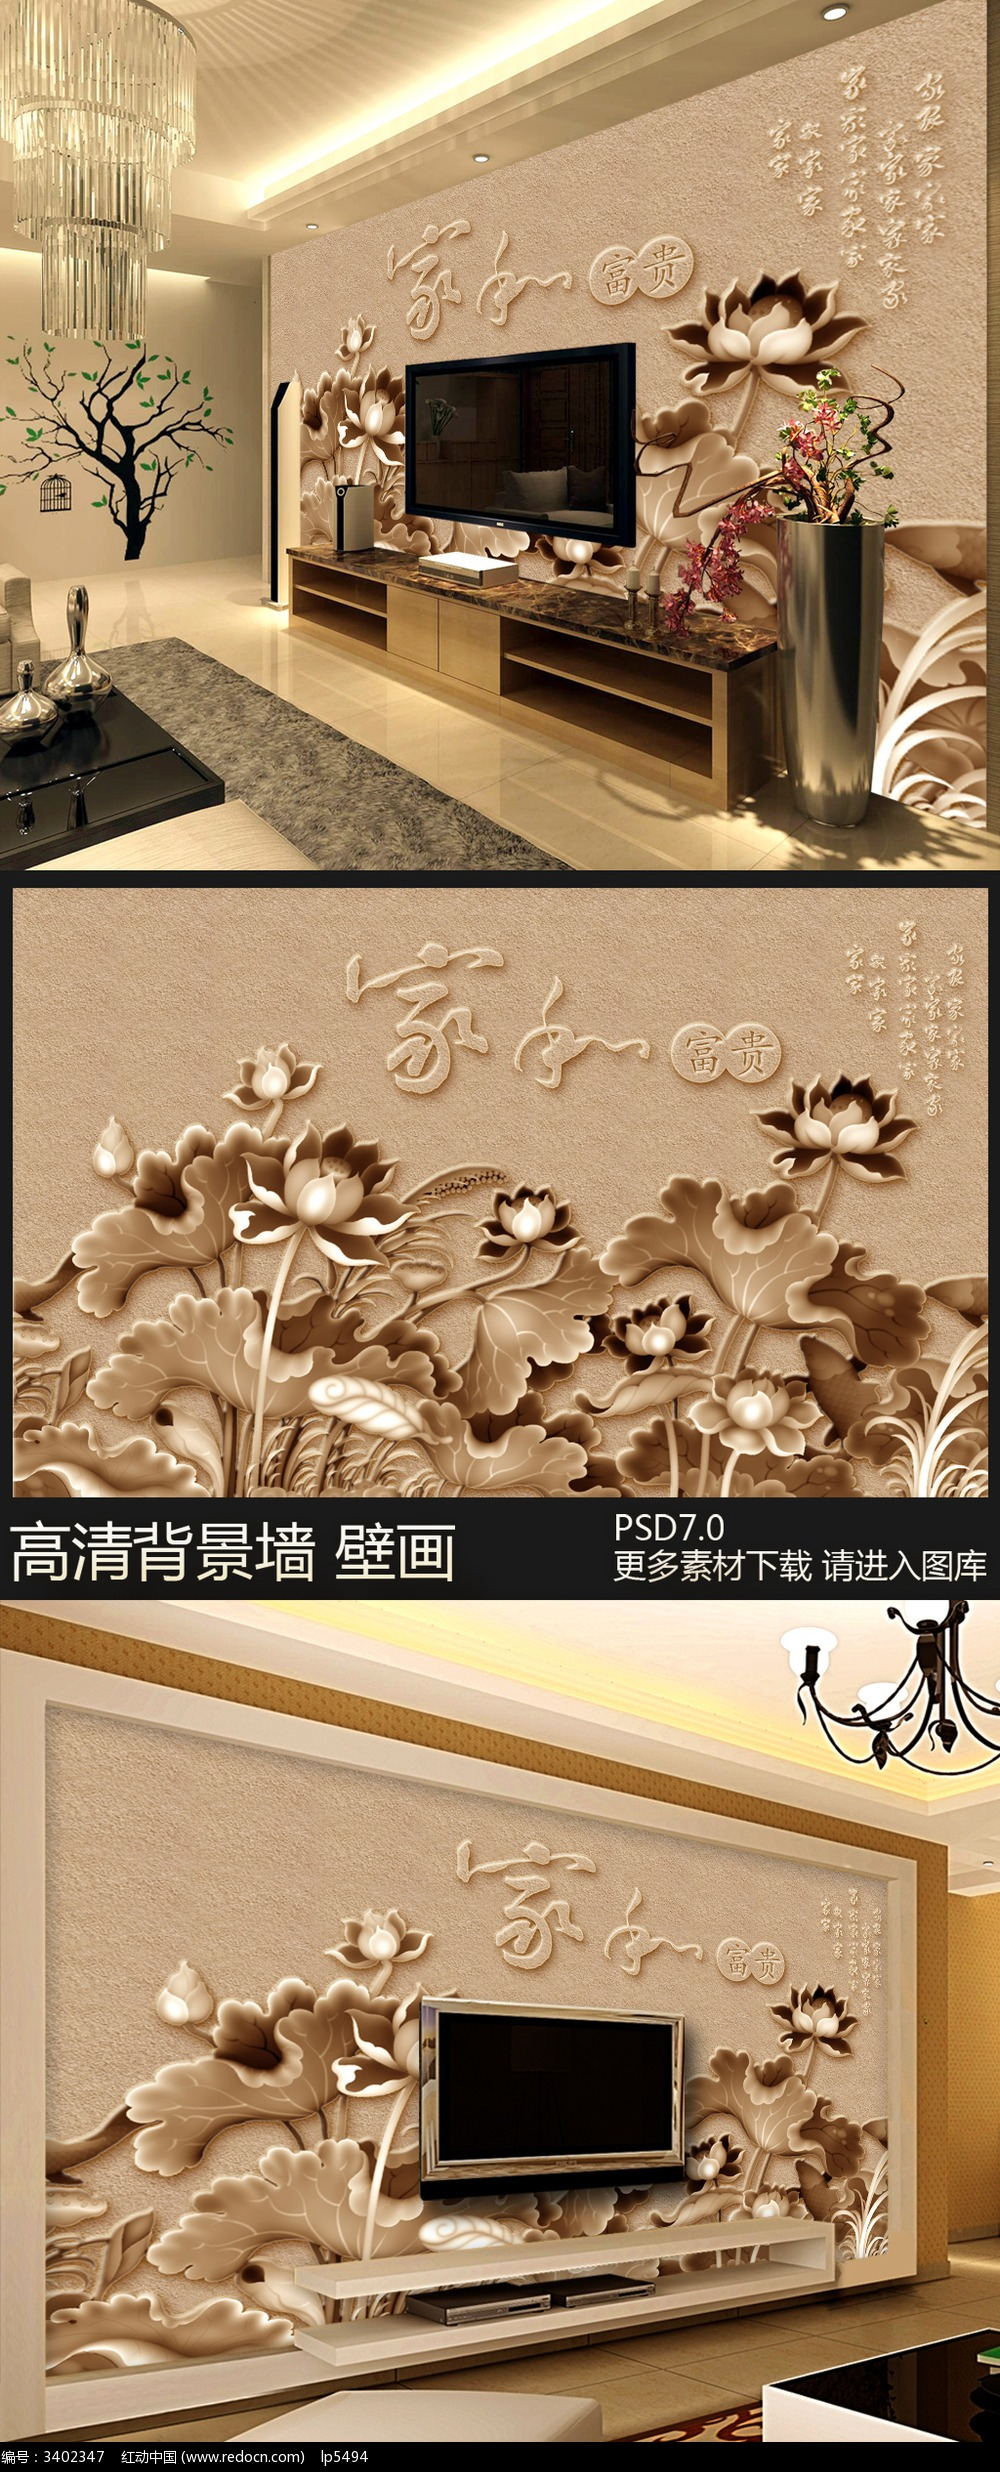 家和富贵荷花雕砂岩电视背景墙装饰画图片